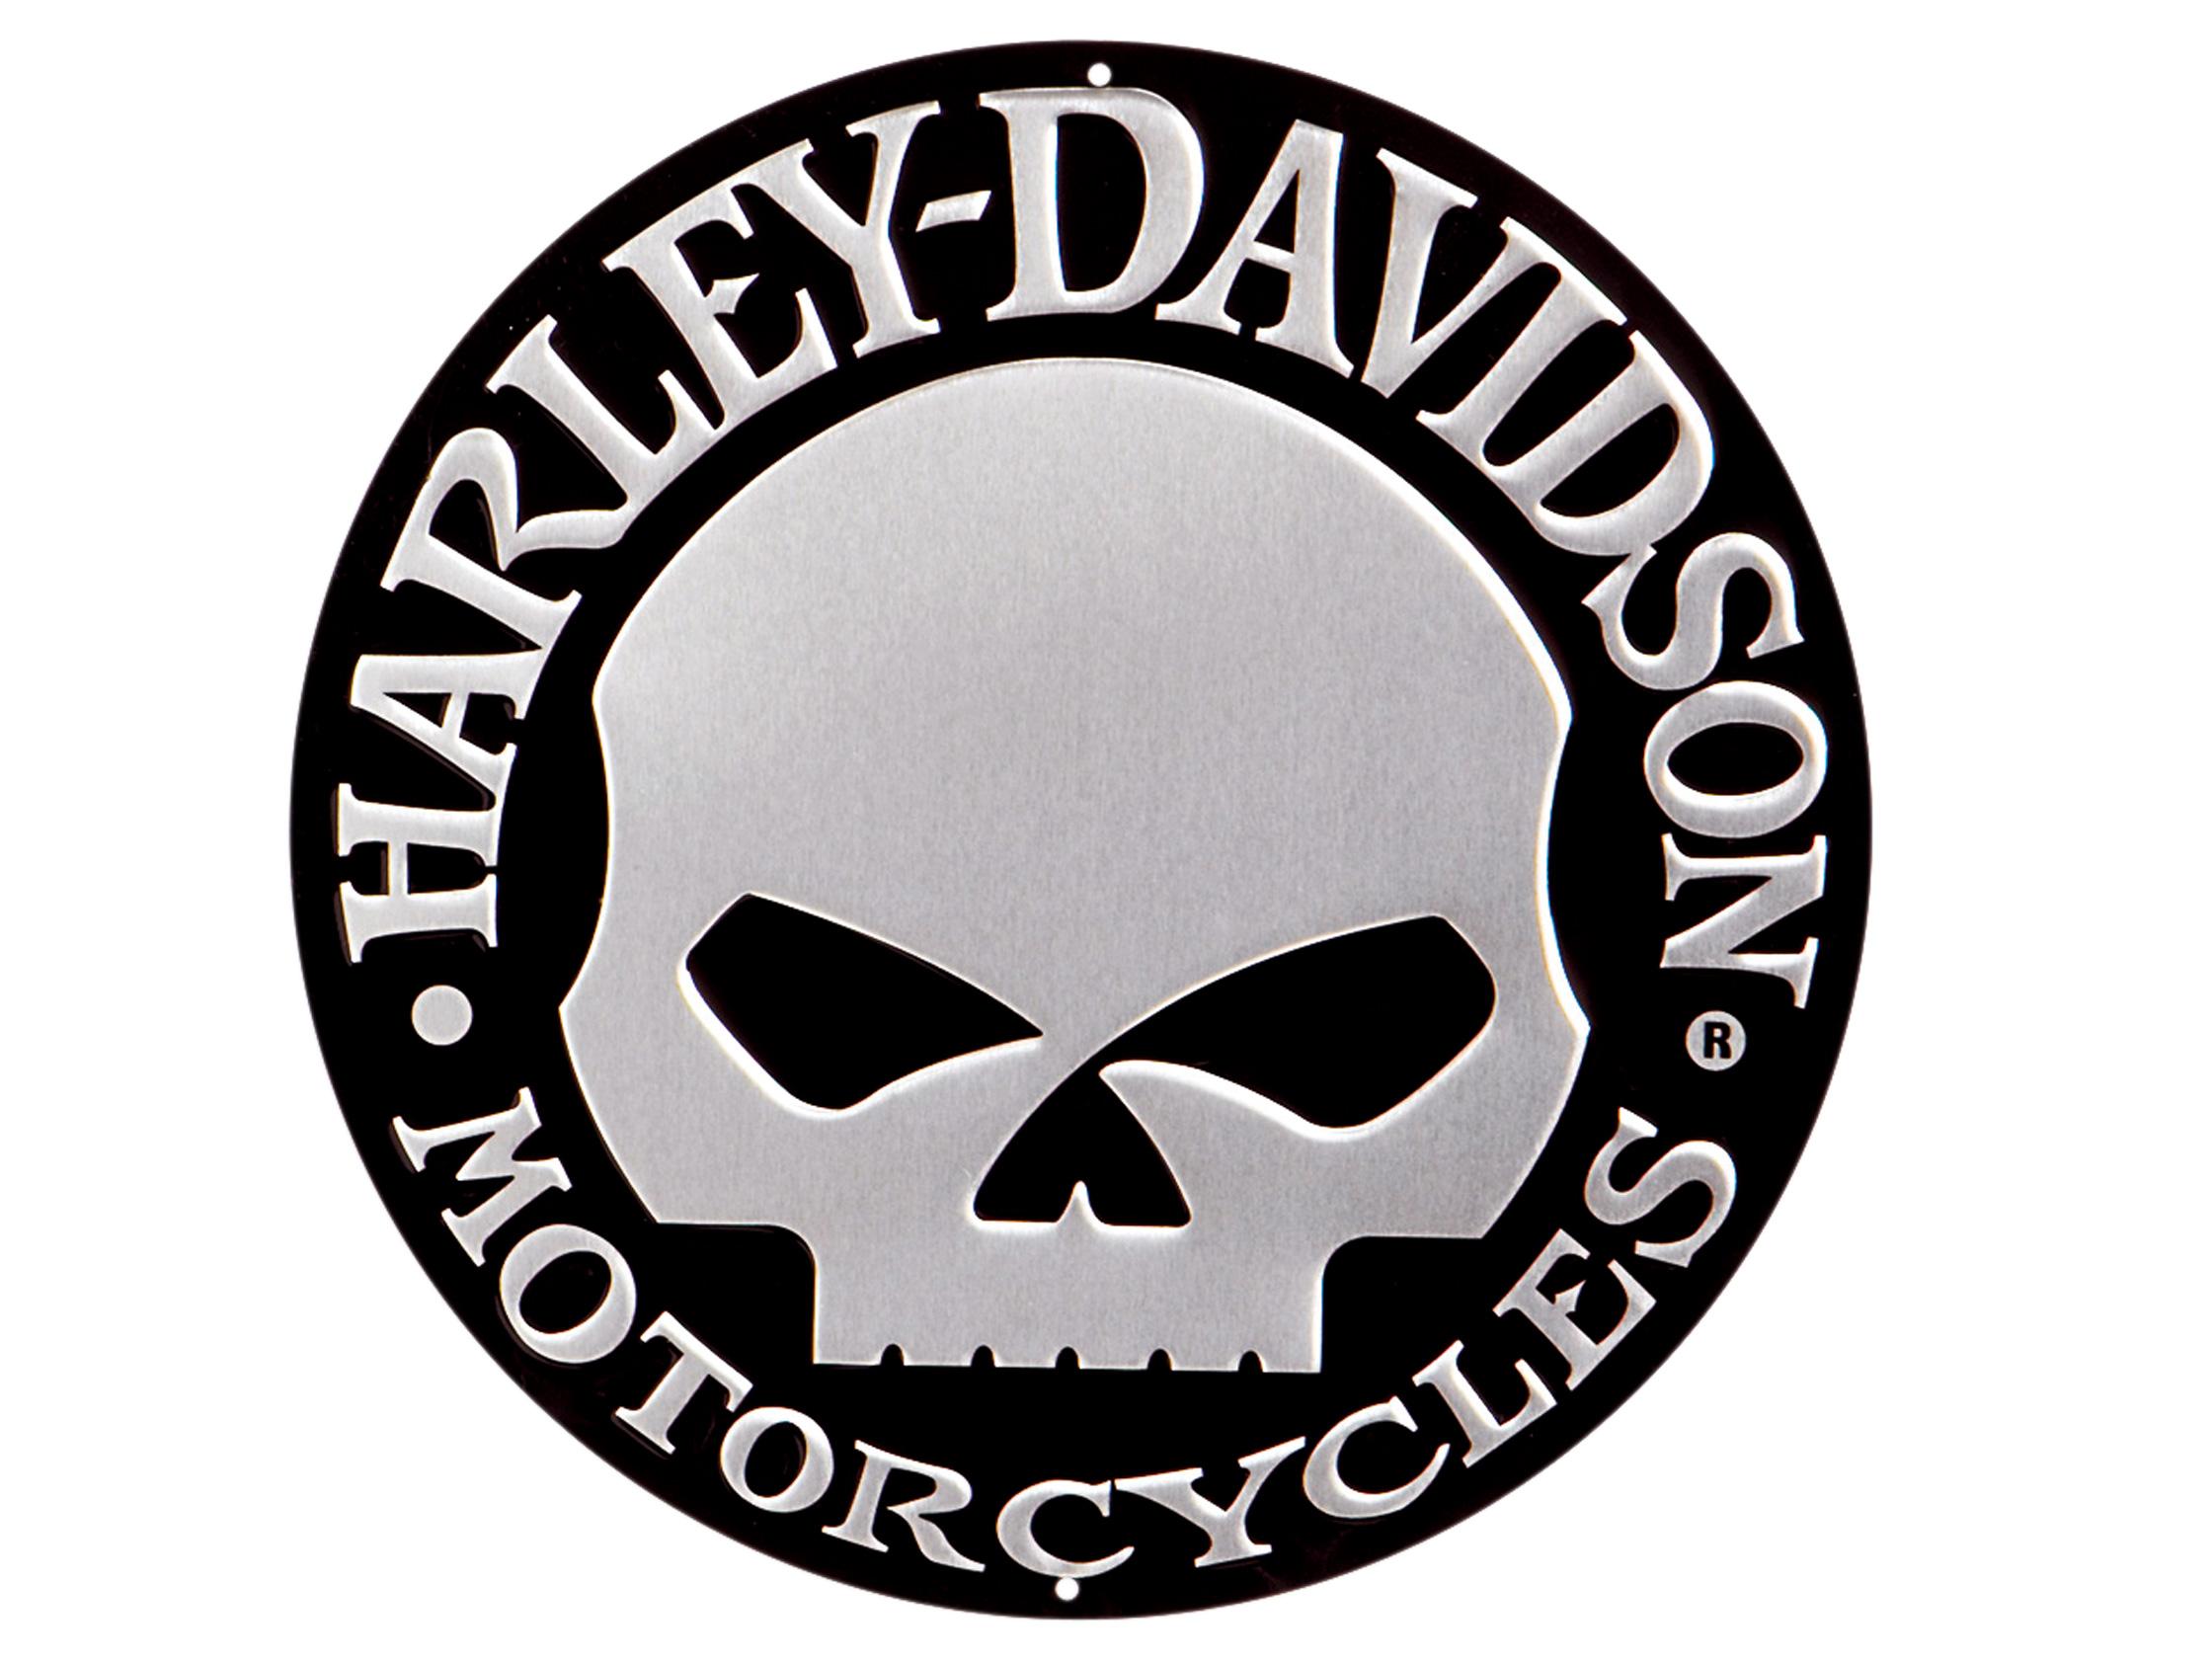 Harley Davidson clipart skull Number Wallpapers Background Background Number